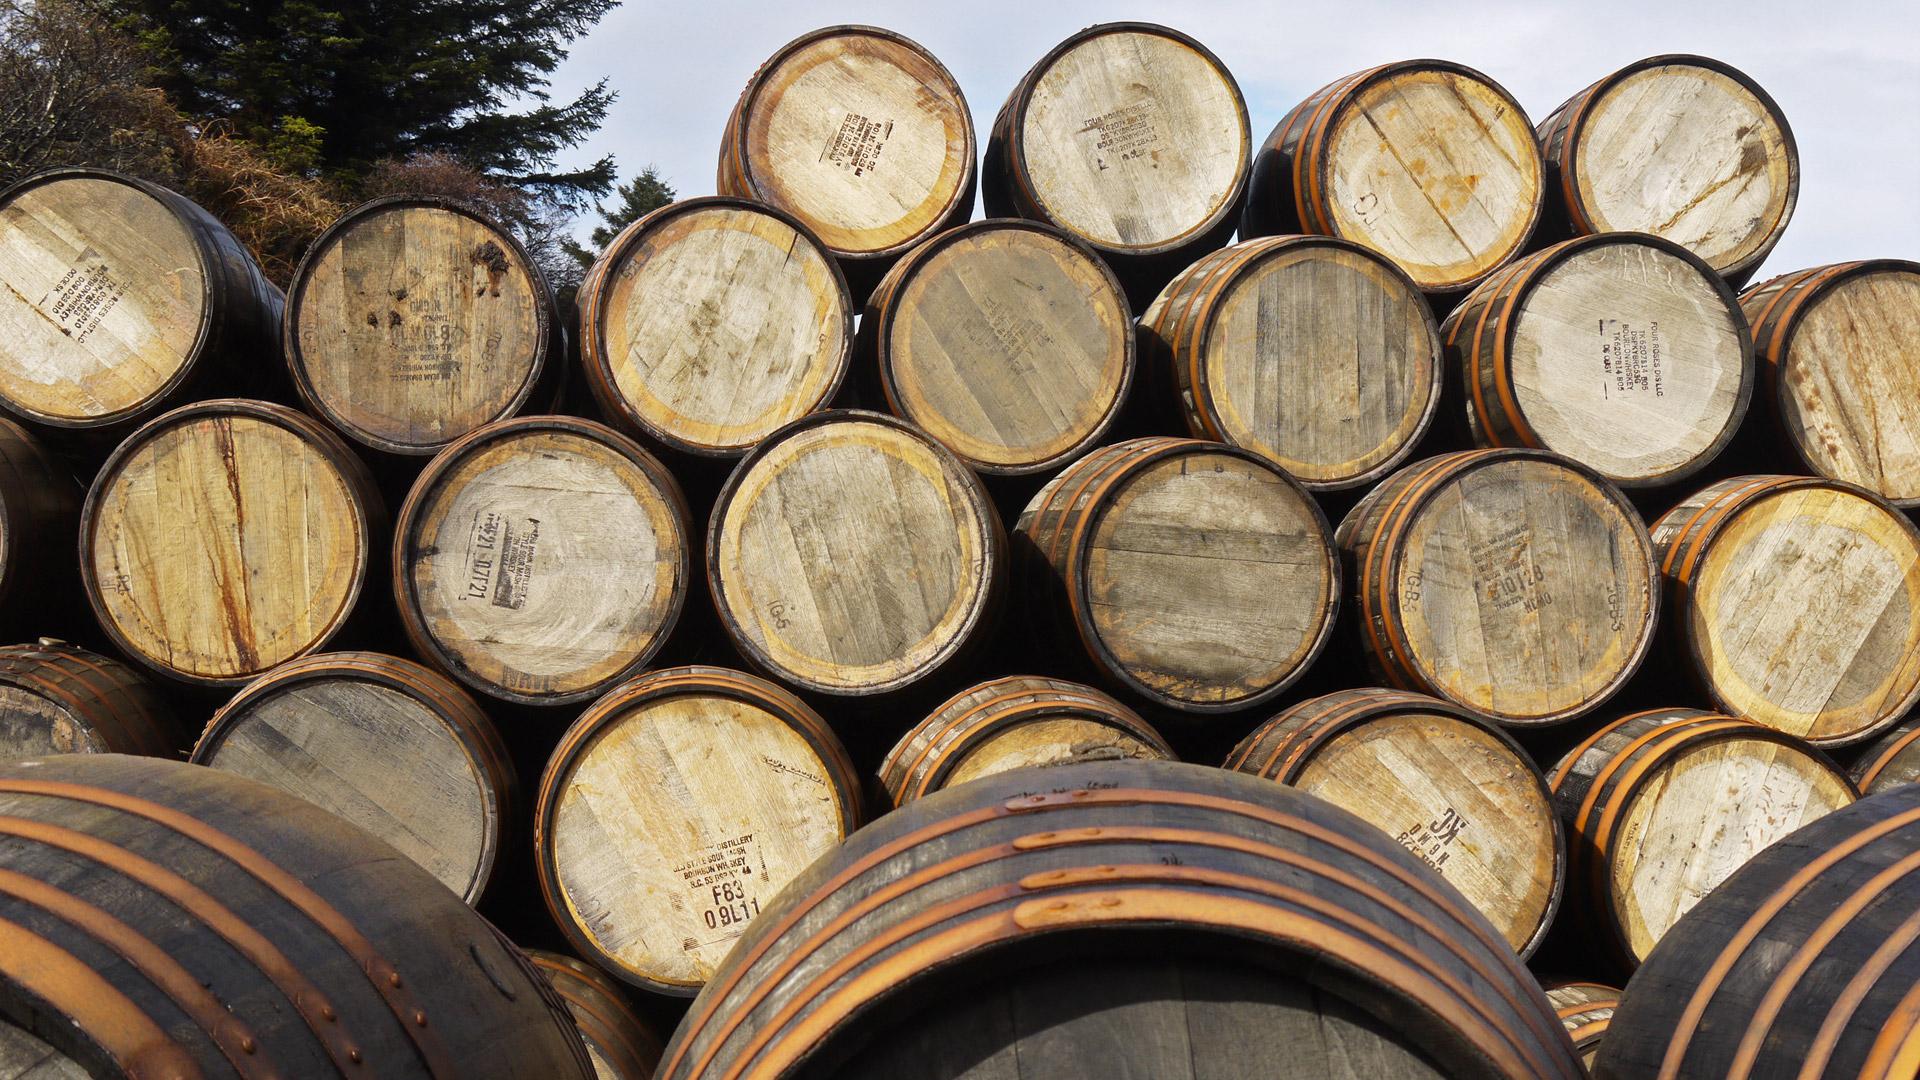 """Die am häufigsten für die Whisky-Lagerung verwendeten Fässer sind American Standard Barrel und """"umgebaute"""" Hogshead-Fässer. (Foto: Malt Whisky)"""